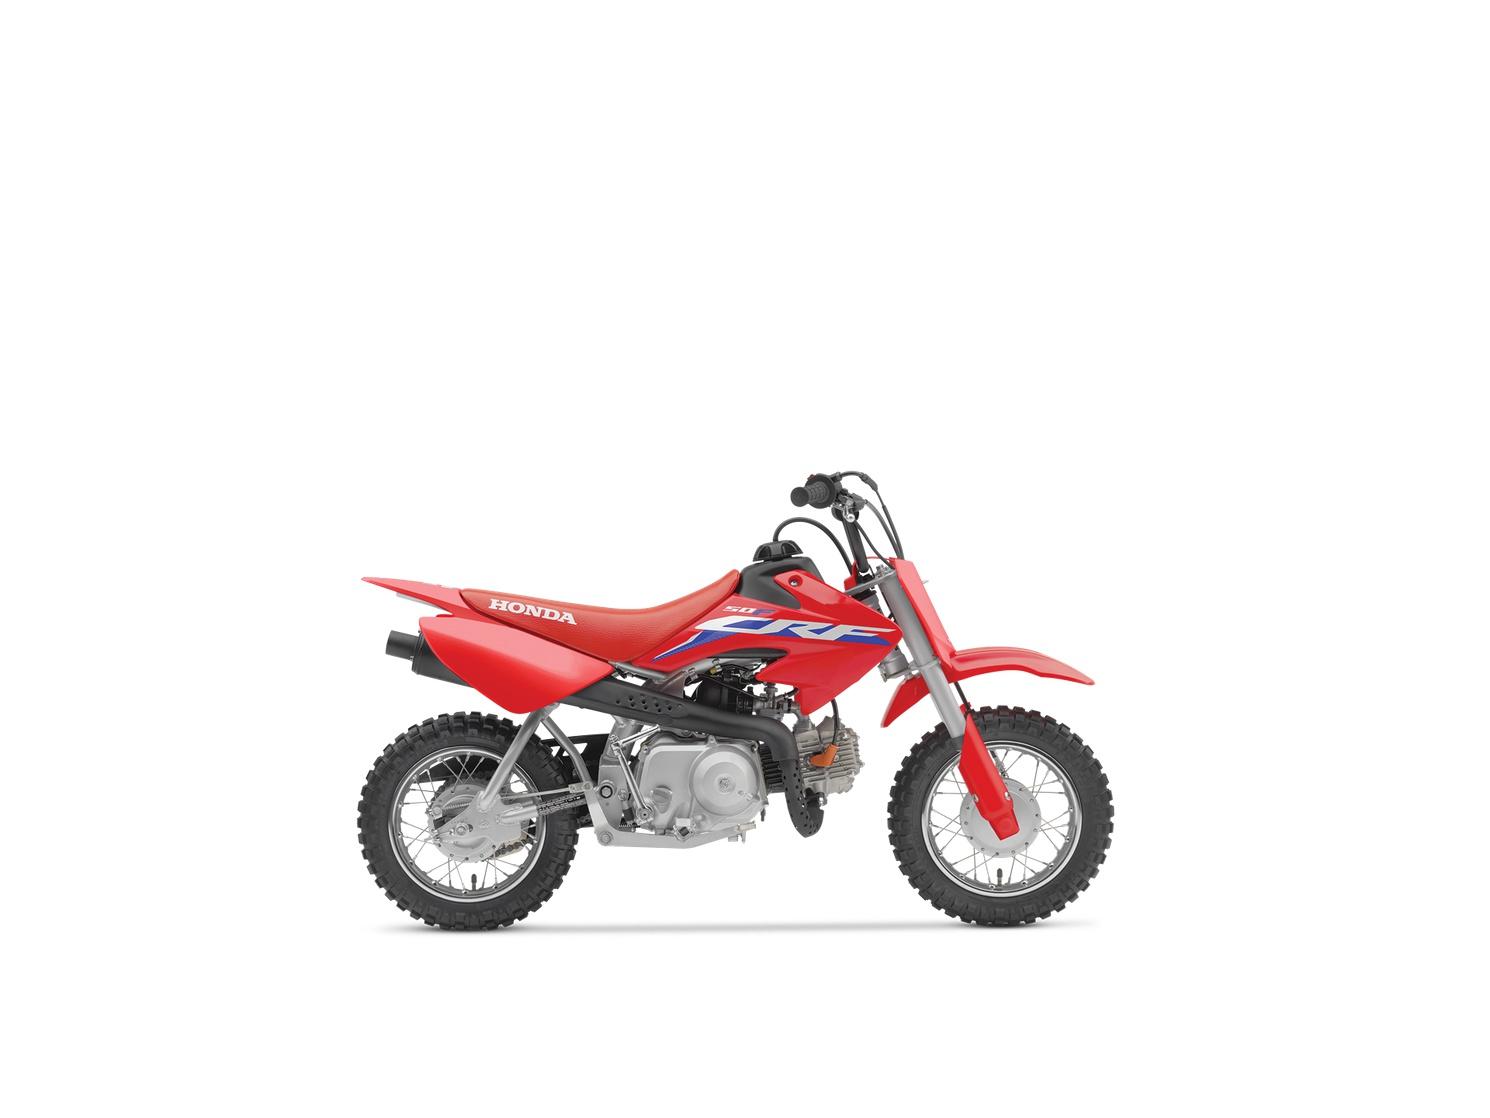 Honda crf50f 2022